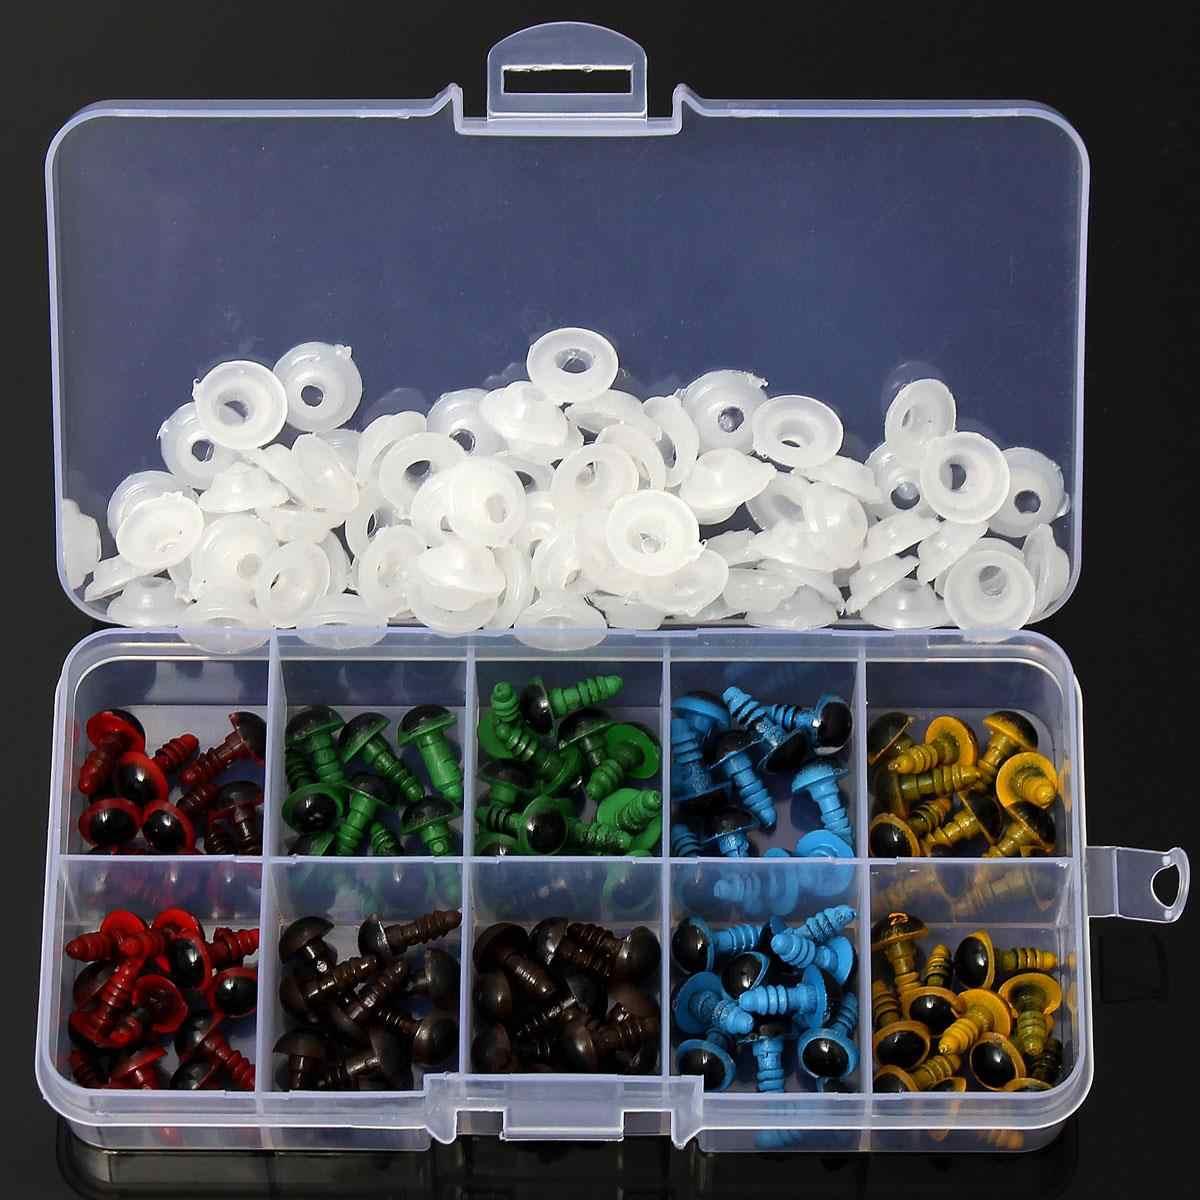 Оптовая продажа 100 шт/50 пар 5 цветов-Смешанные 8 мм безопасные пластиковые глаза коробка для плюшевого медведь Набивная игрушка оснастки животных Перчаточная кукла ремесло DIY